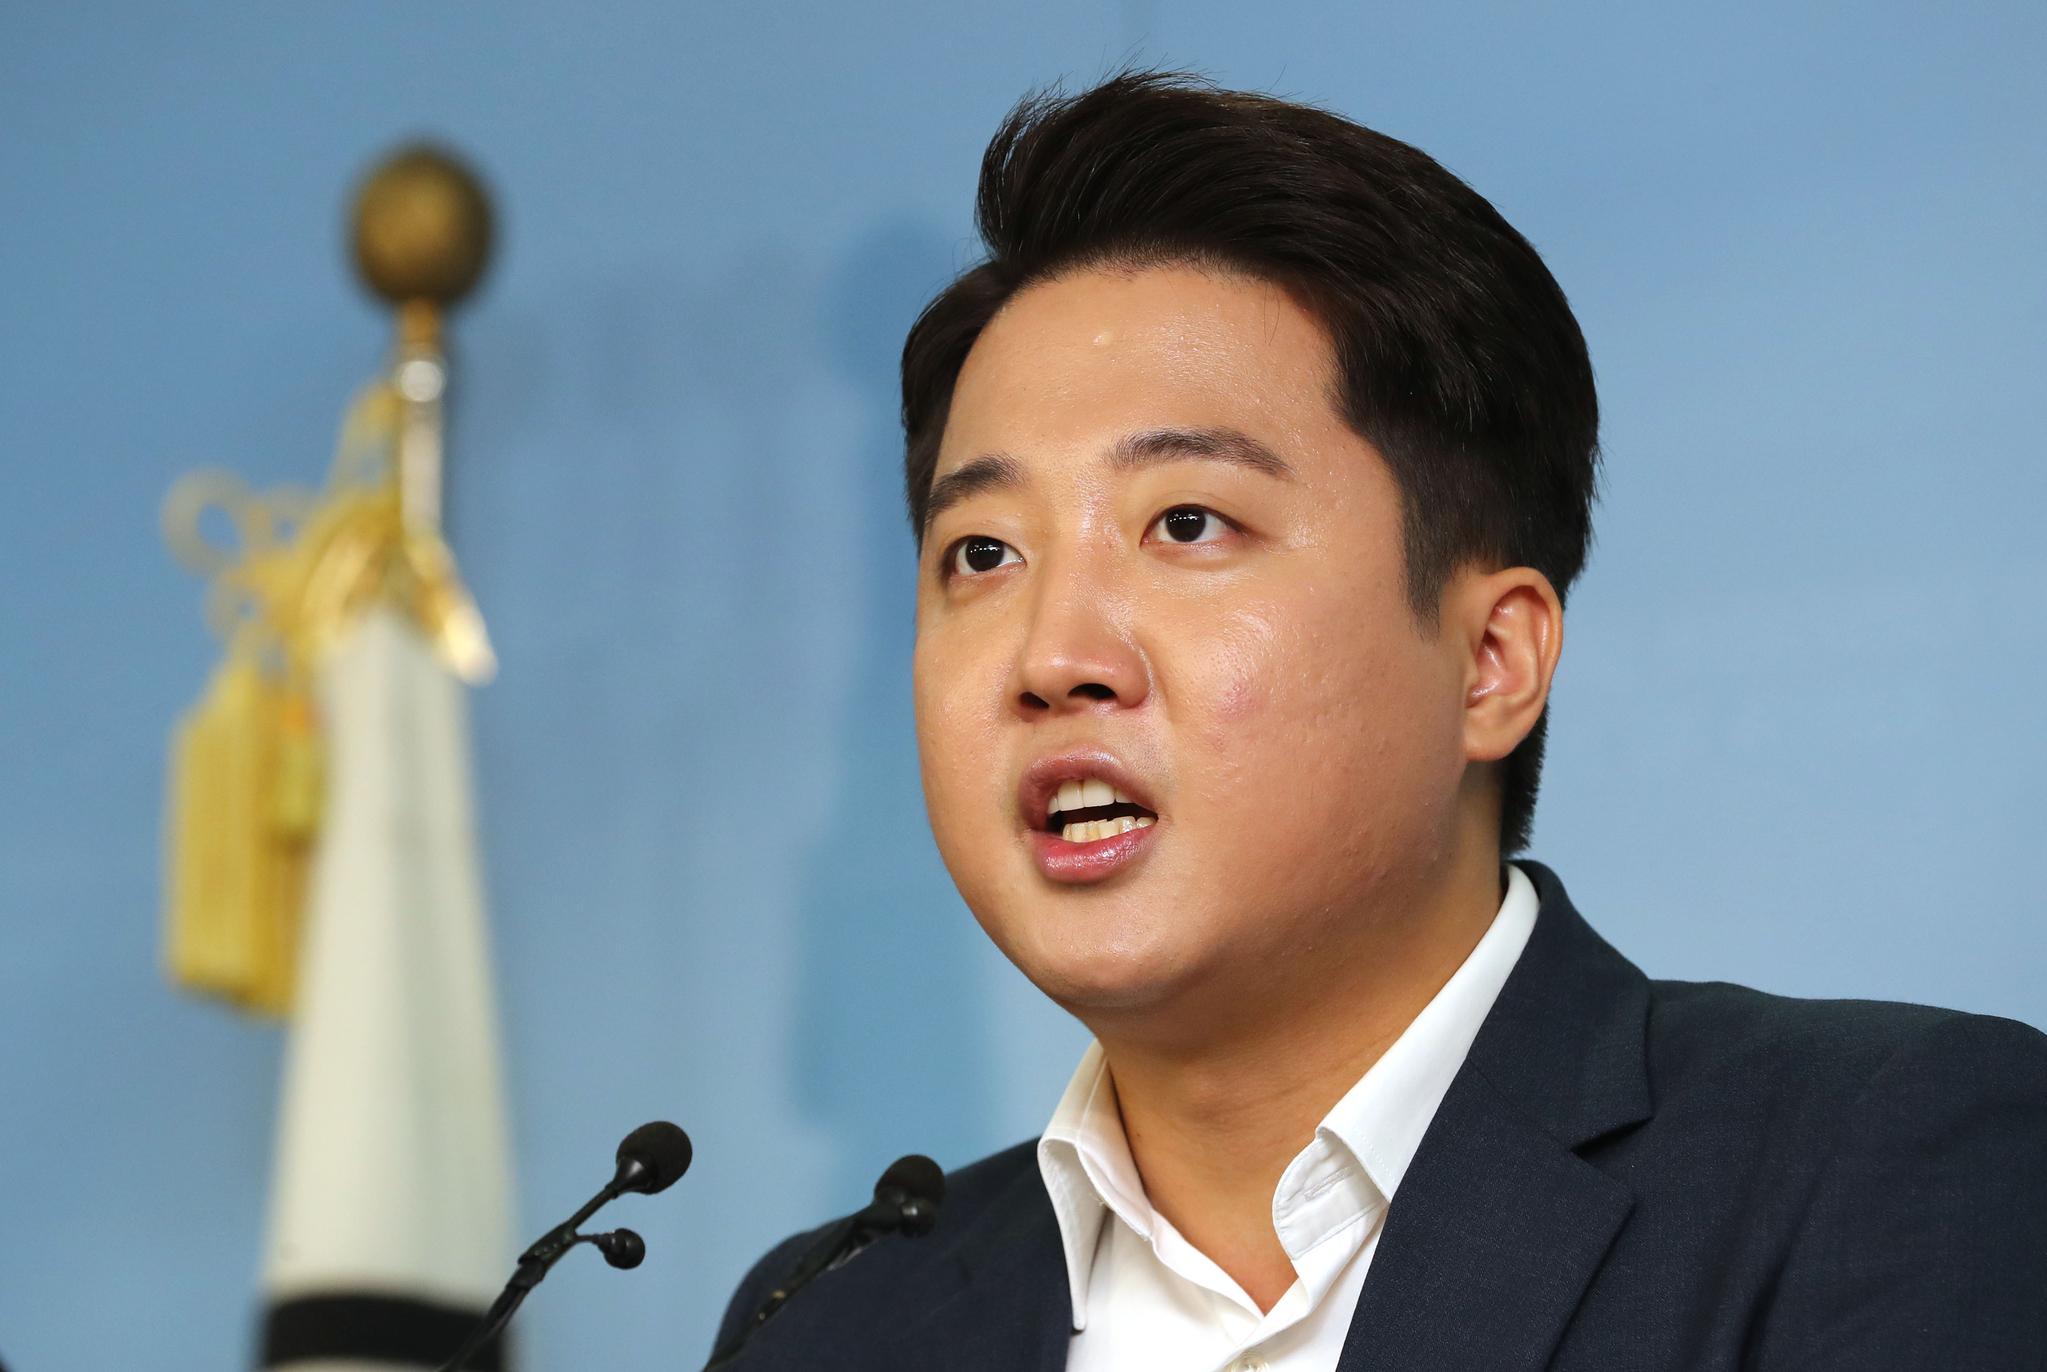 바른미래당 이준석 최고위원. [연합뉴스]